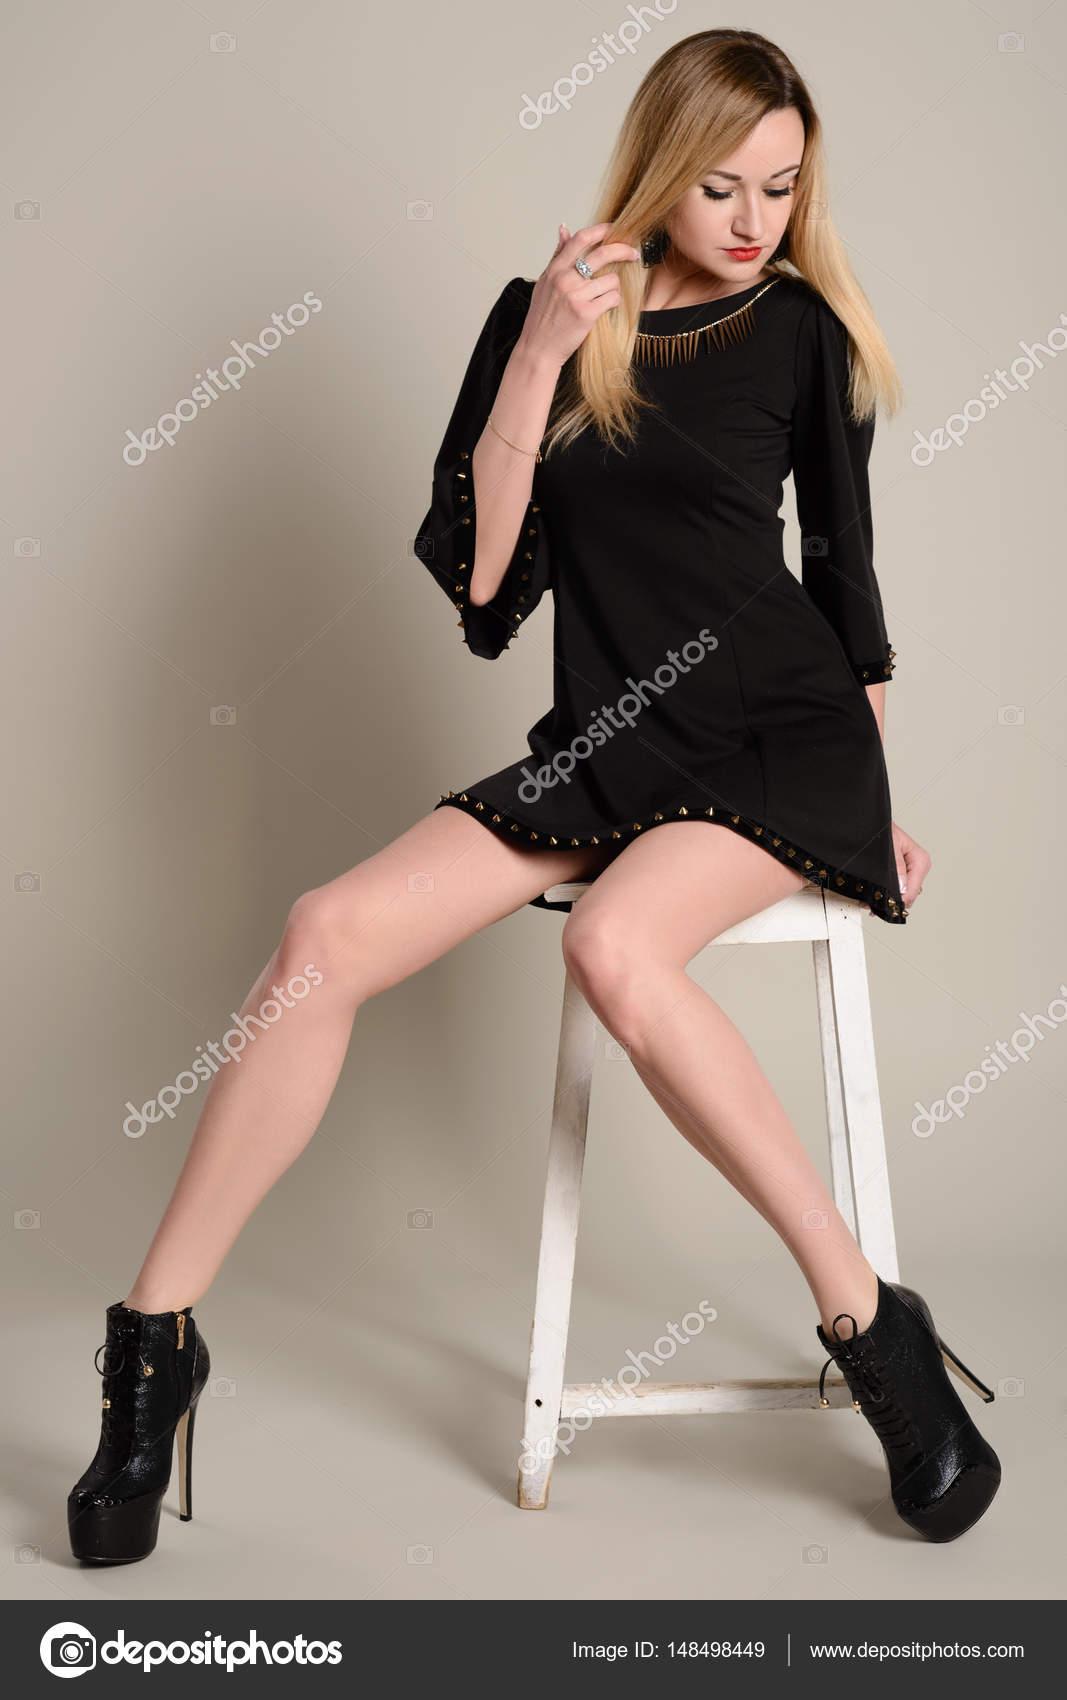 79e31a07bfef Pernas longas Slim menina loira com um vestido preto curto e saltos em um  grampo de cabelo senta-se em um bar stool — Foto de unomay